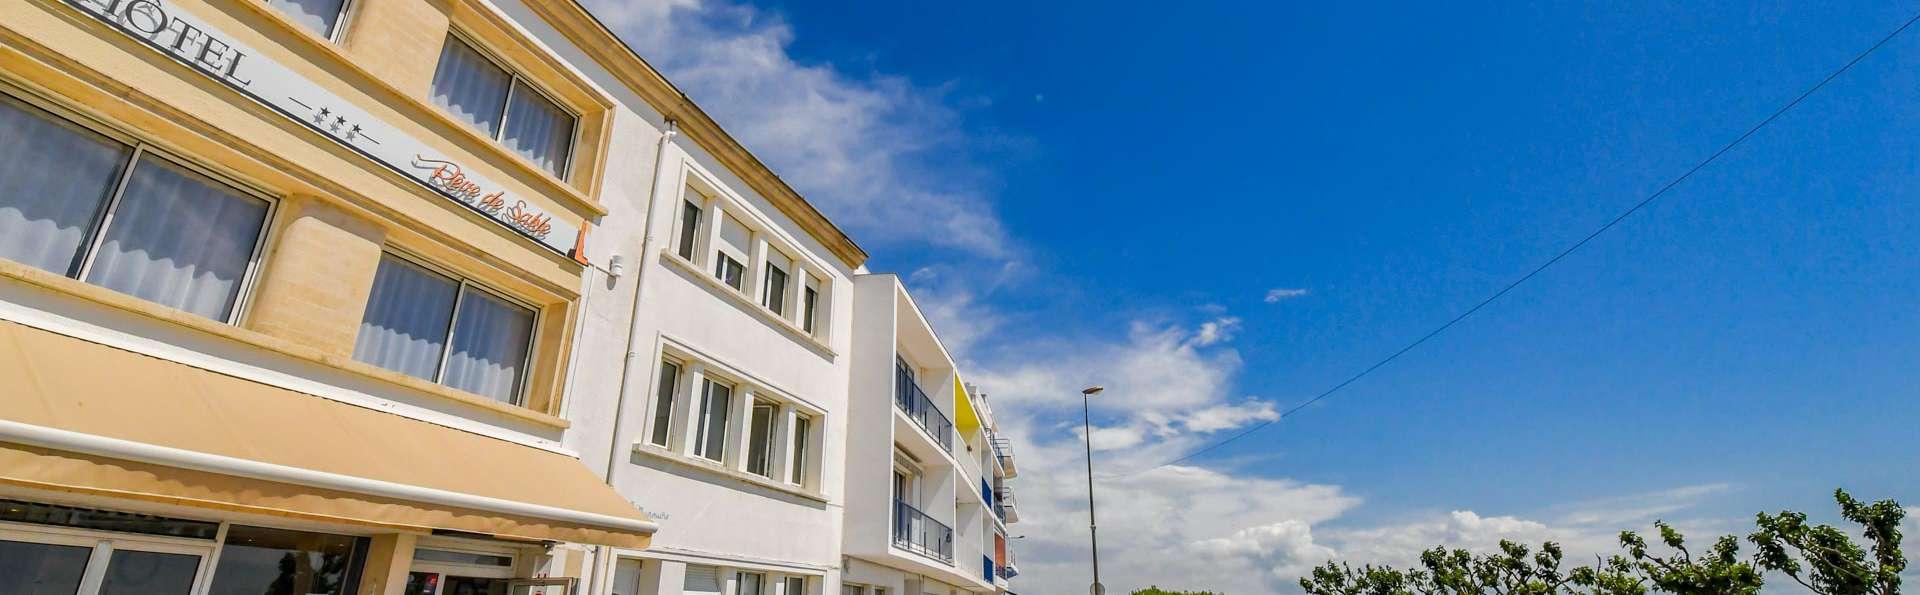 Hôtel Rêve de Sable - EDIT_FRONT_05.jpg